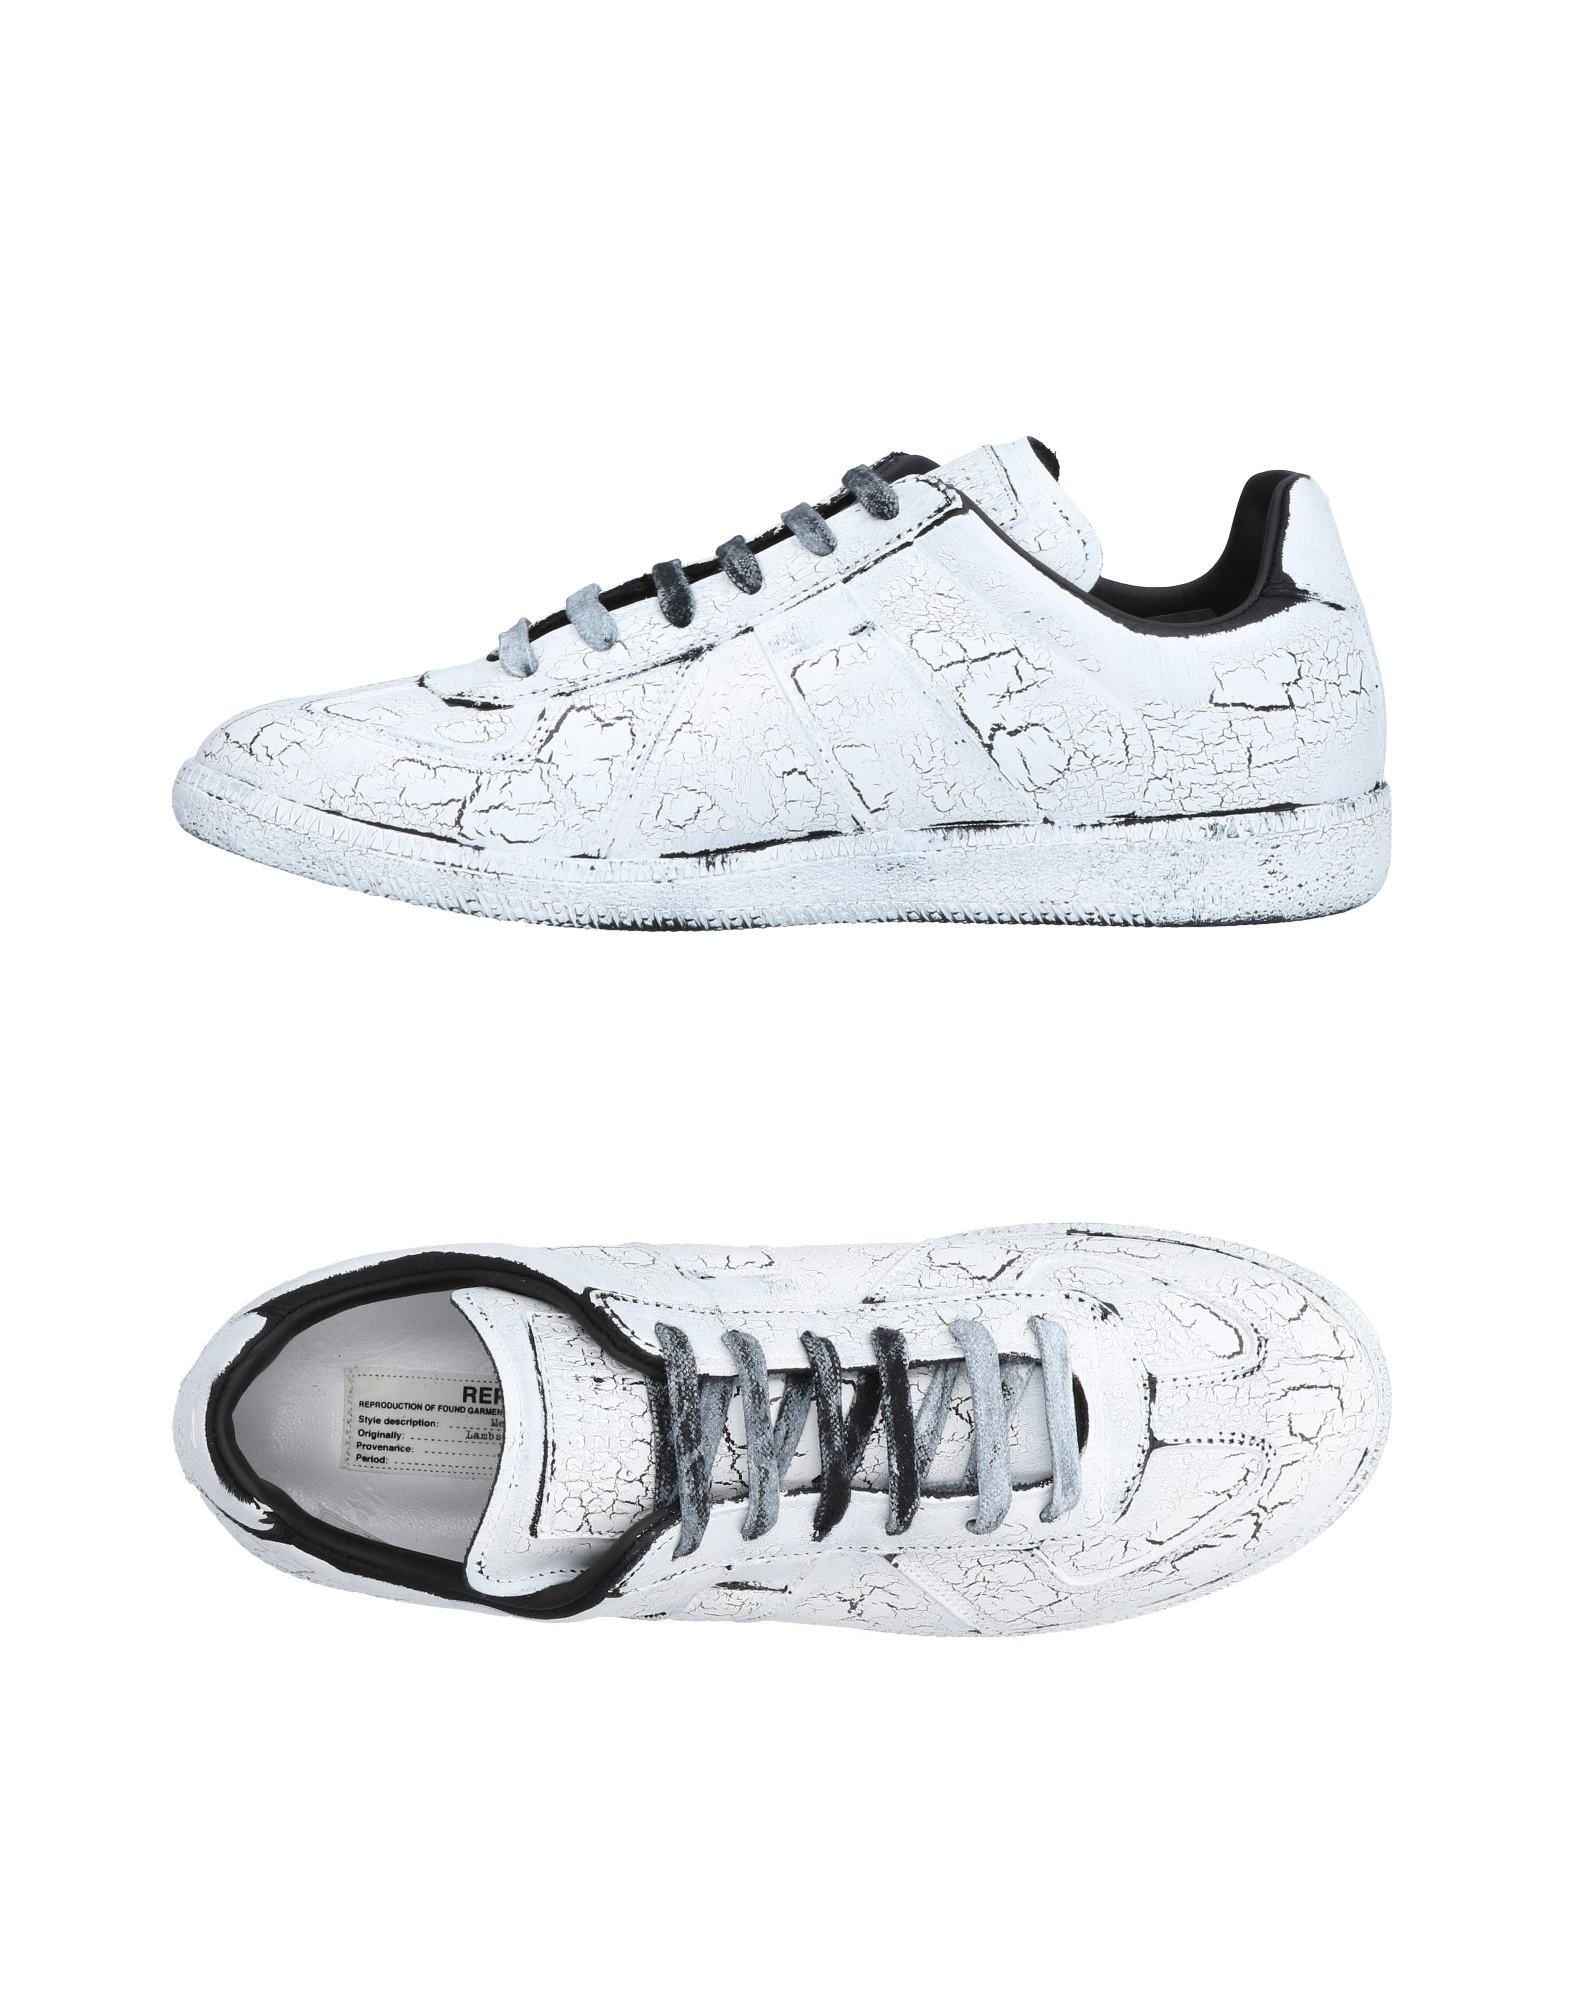 Sneakers Maison Margiela Homme - Sneakers Maison Margiela  Blanc Réduction de prix saisonnier, remise